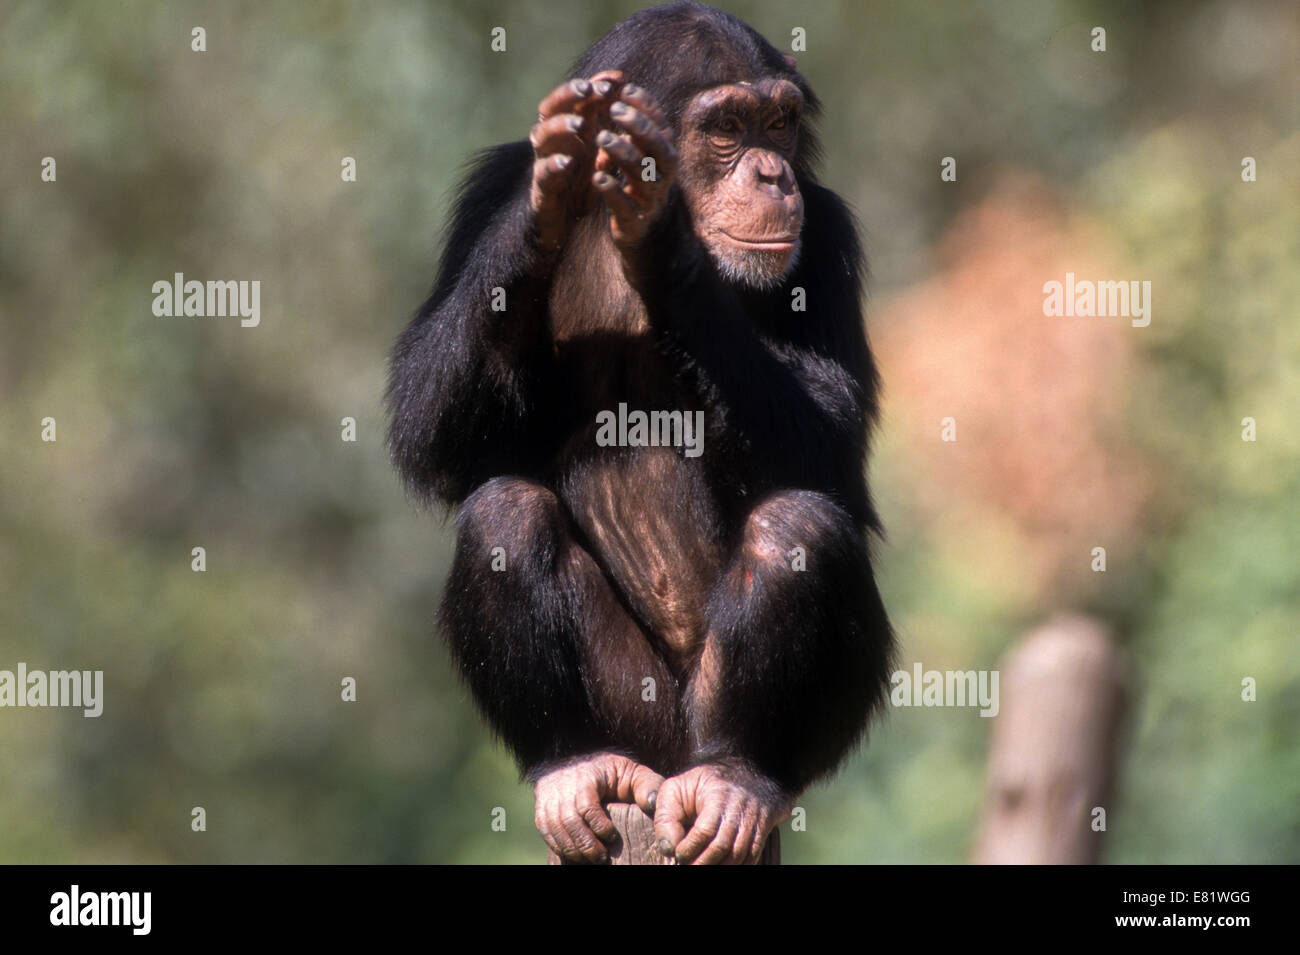 Closeup Portrait de chimpanzé (Pan troglodytes) en captivité dans un zoo Photo Stock